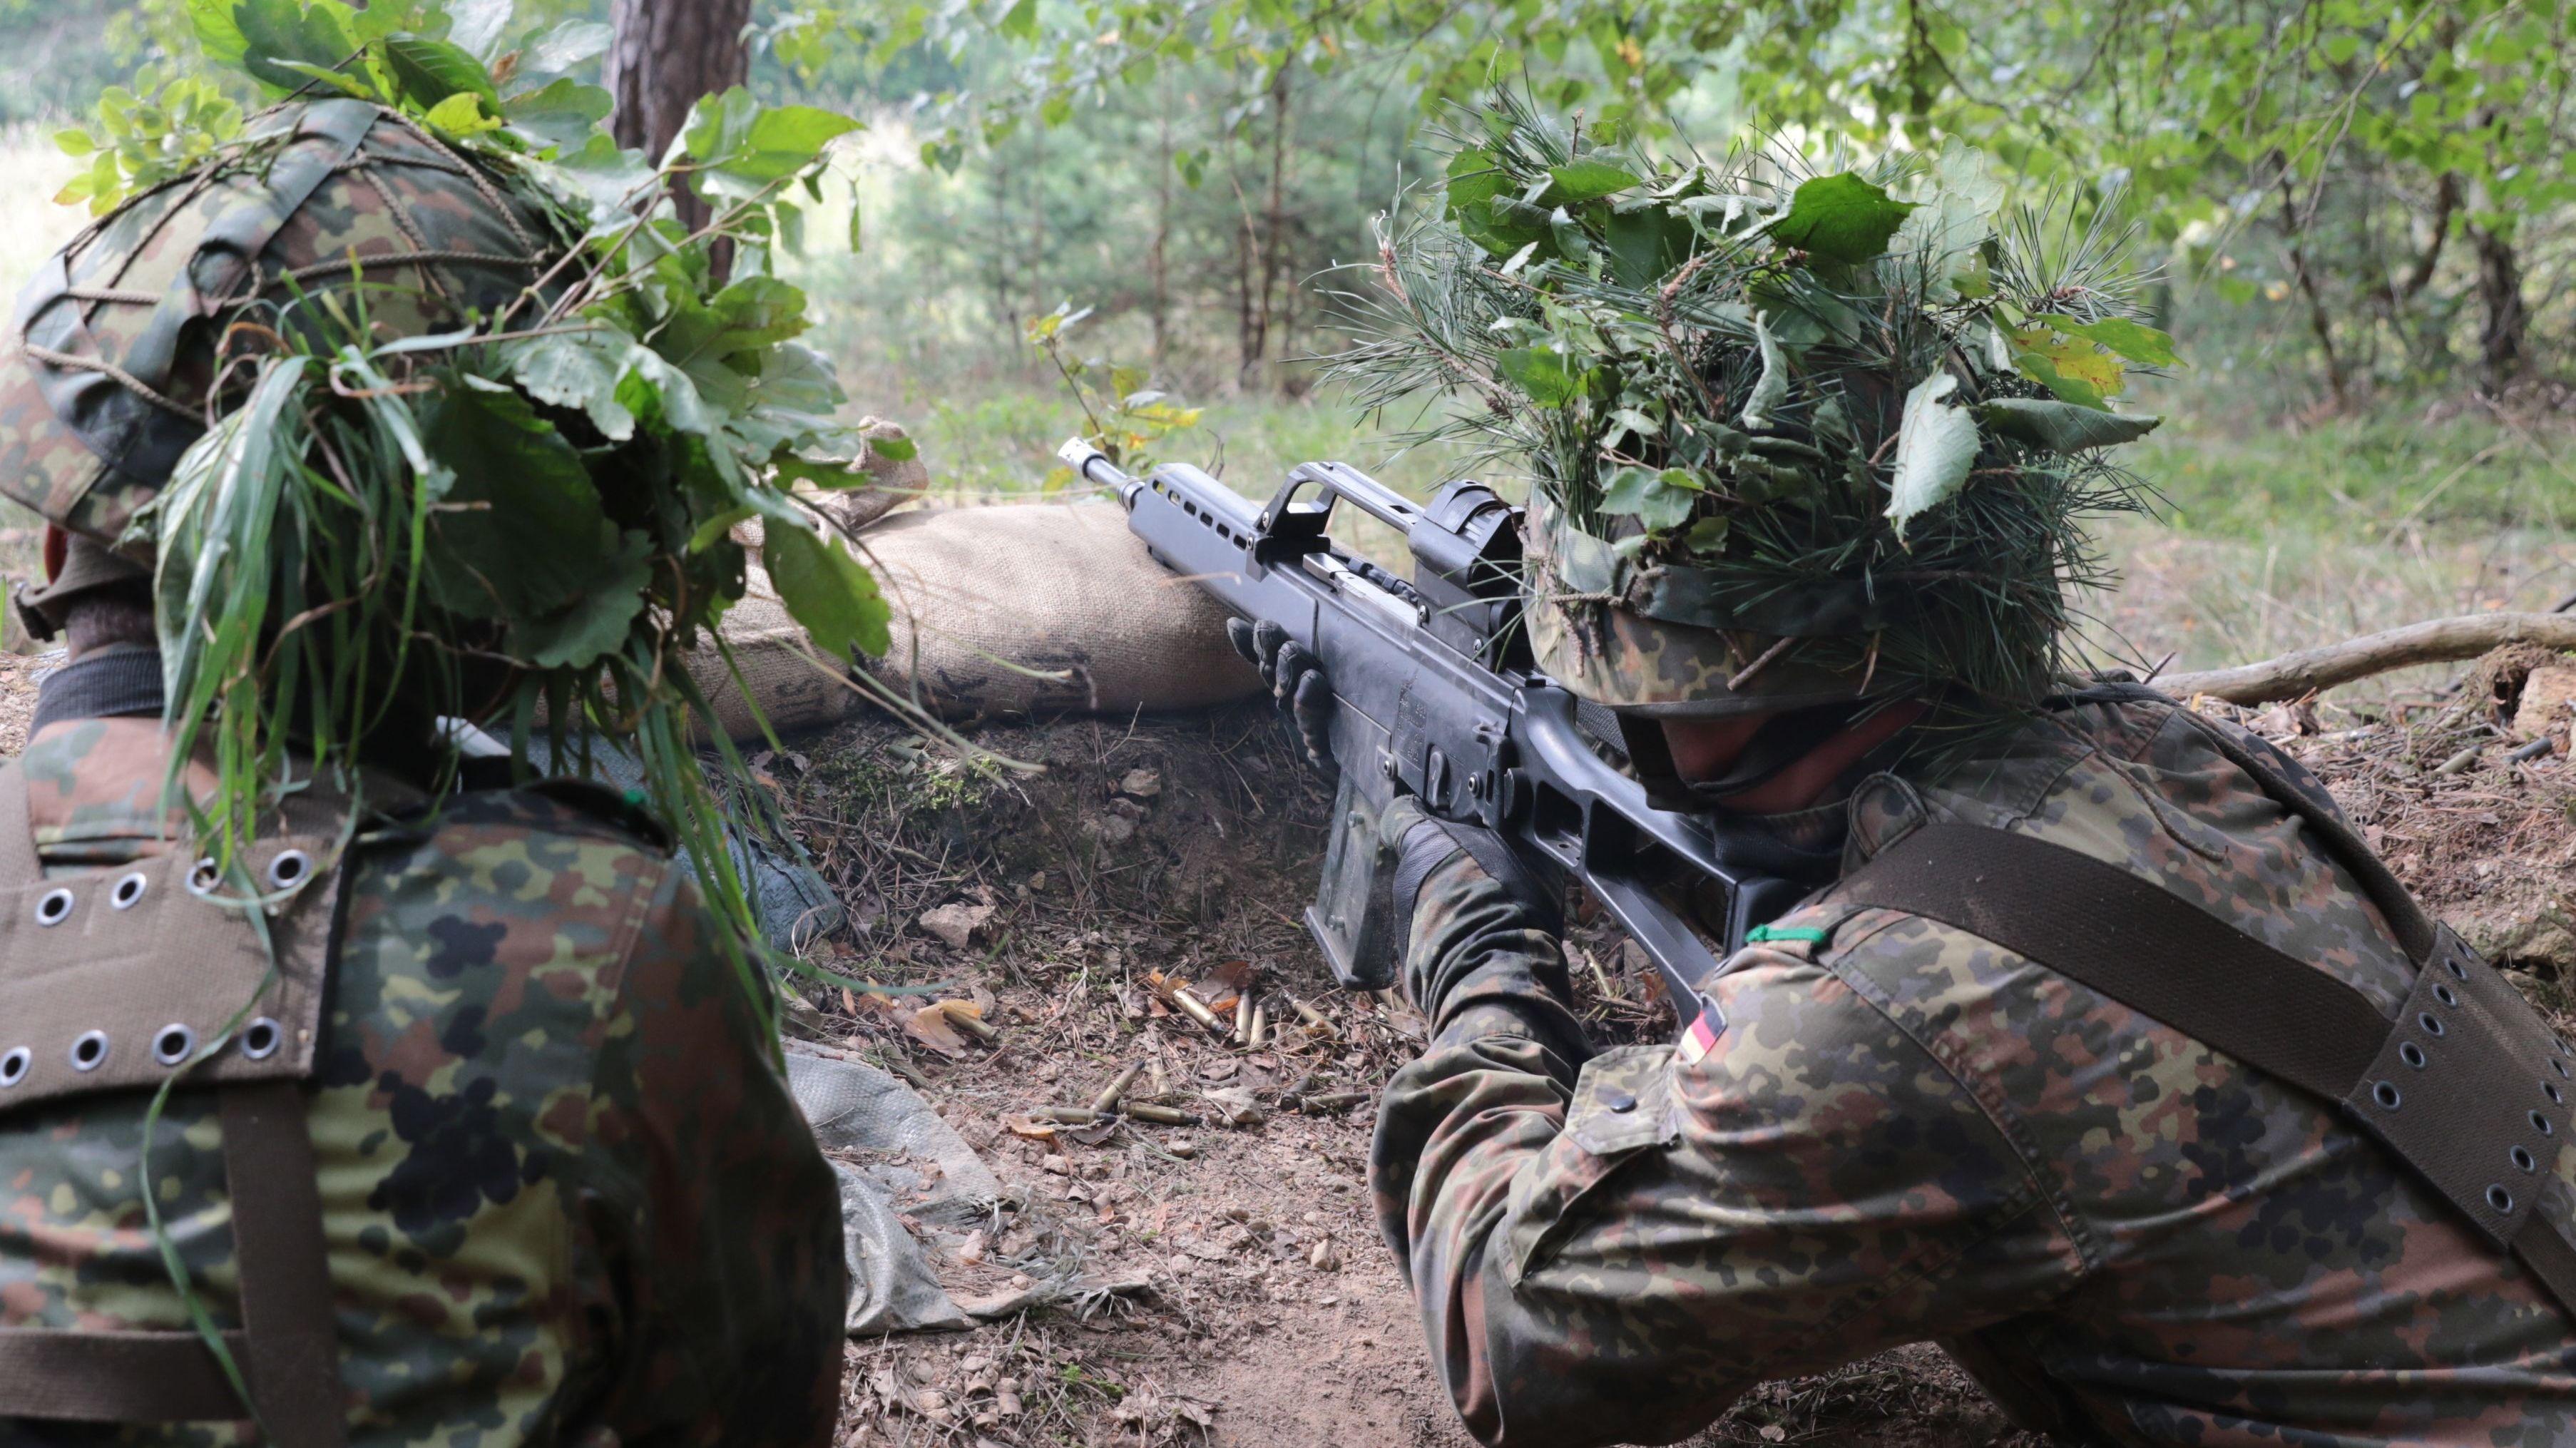 Zwei Reservisten von hinten, die mit einem Gewehr auf ein unbekanntes Ziel zielen.